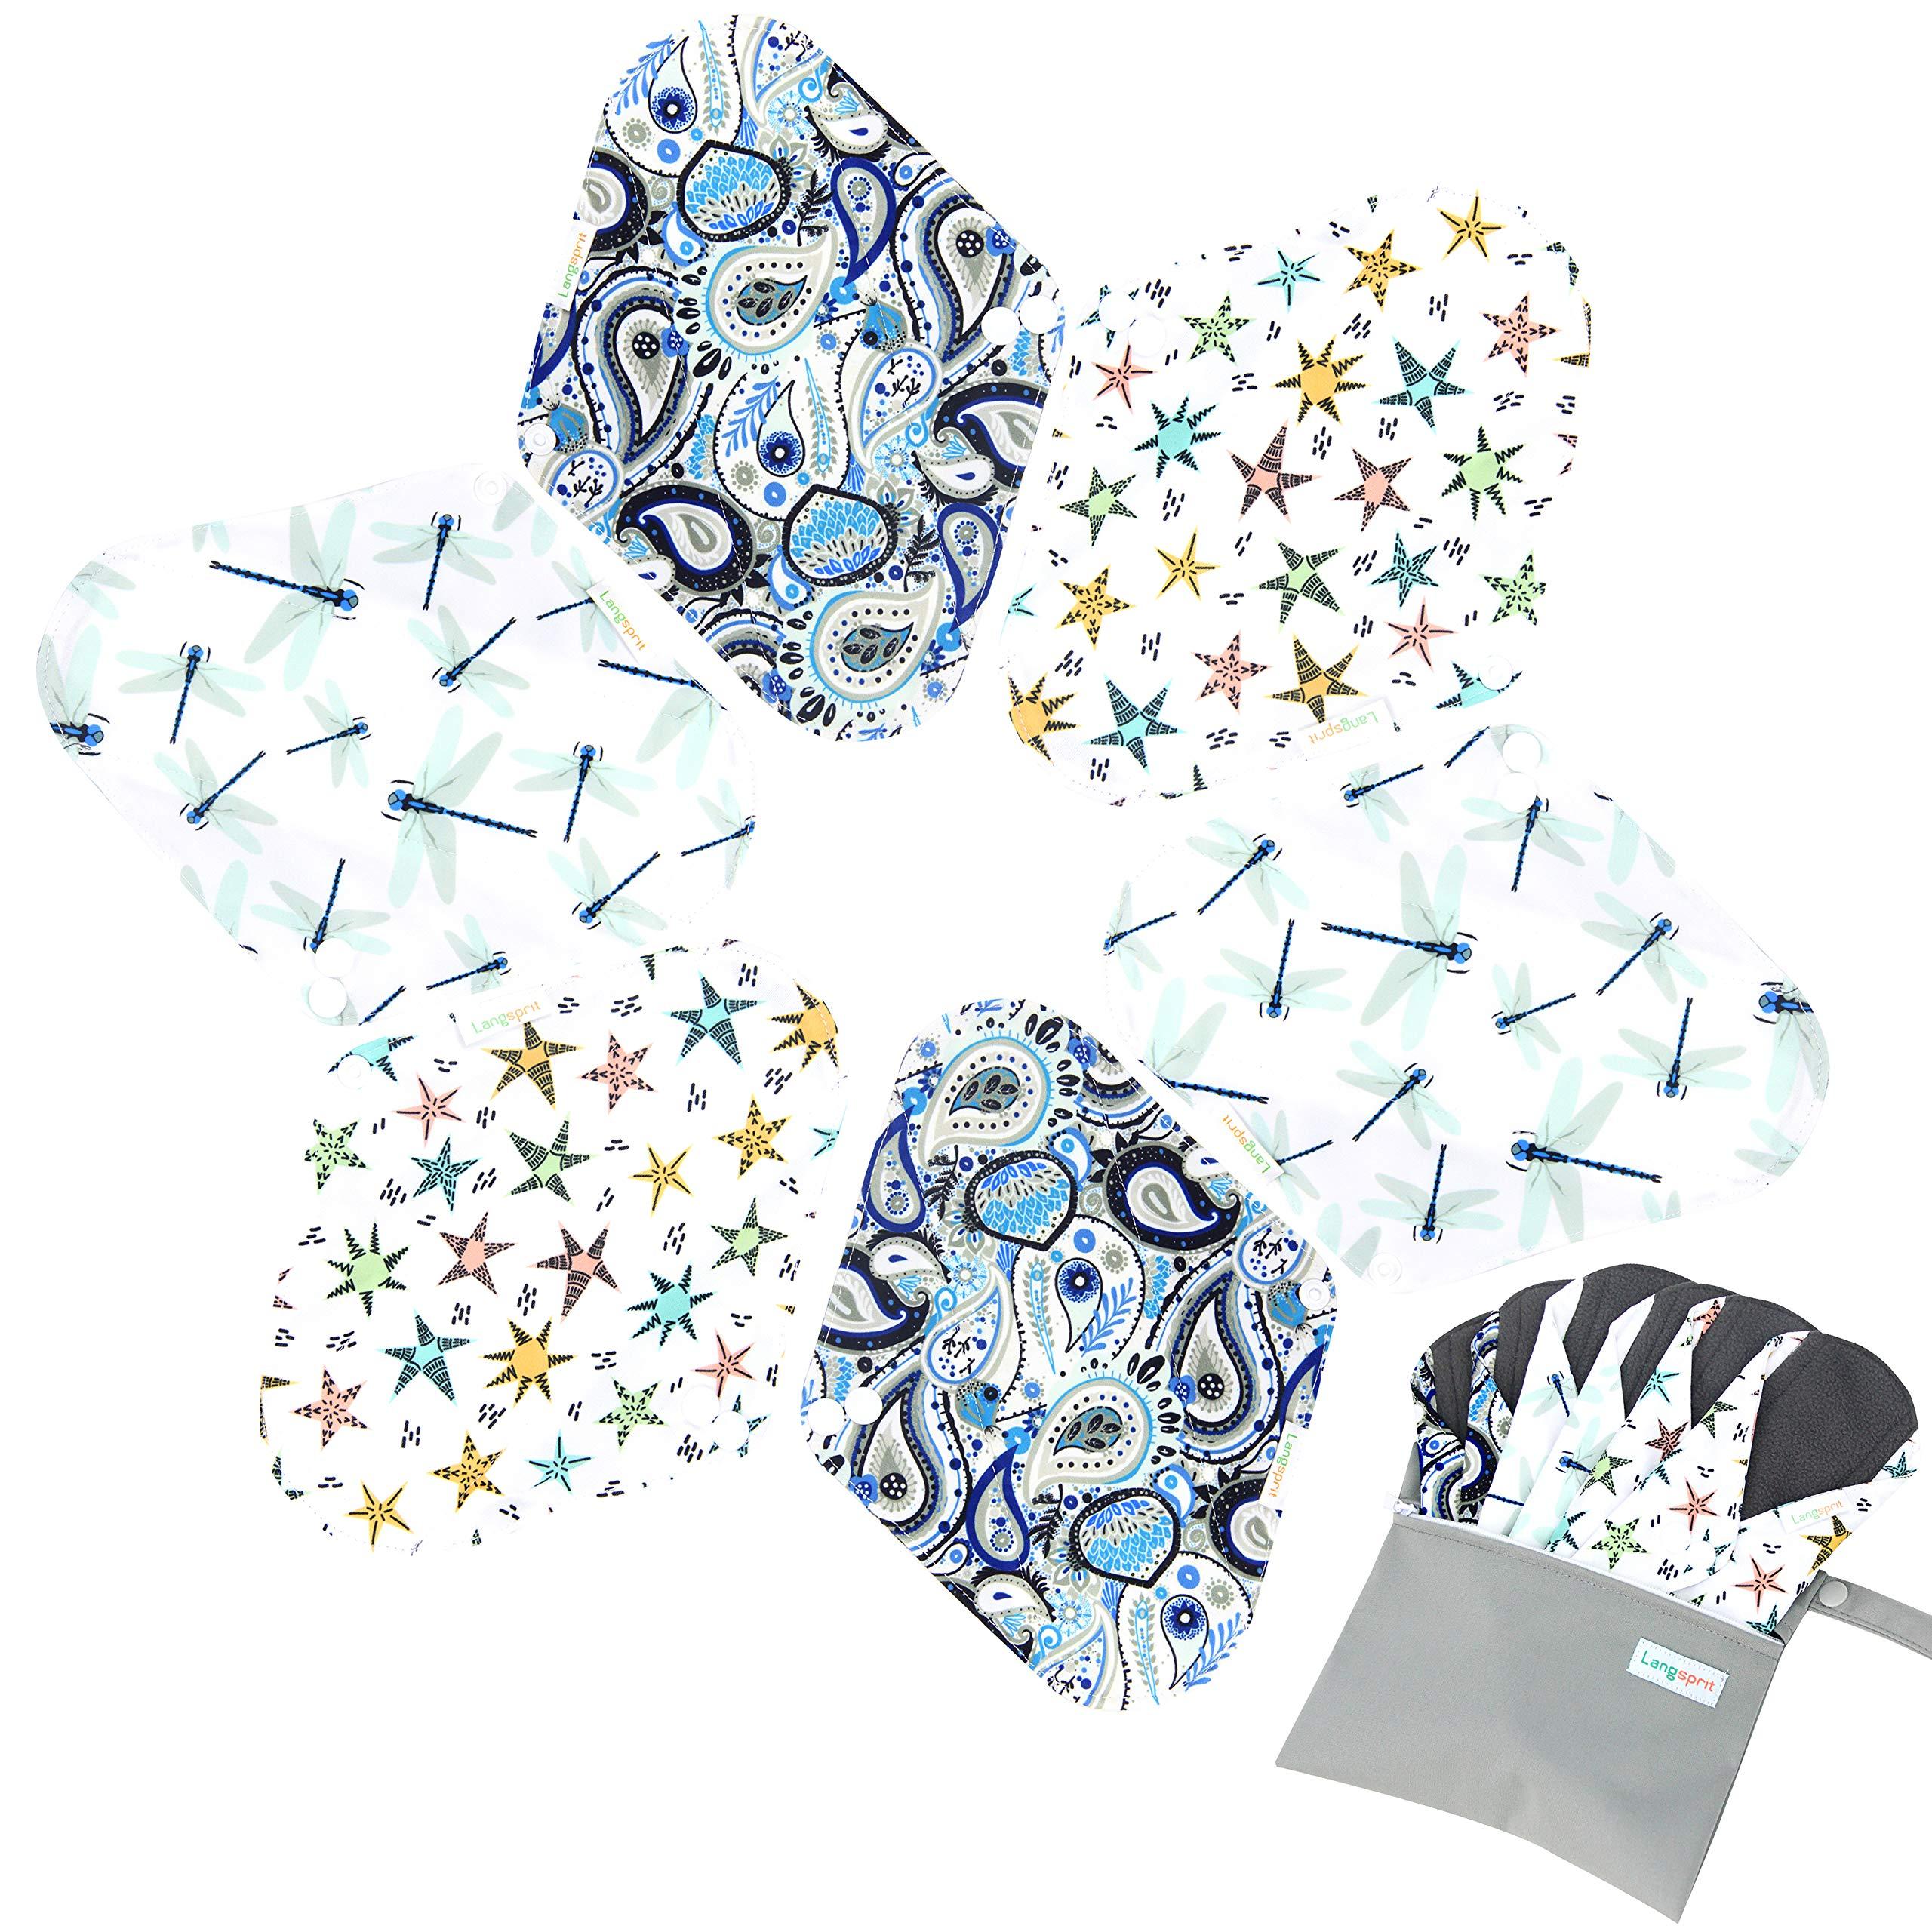 7pcs Set 1 pc Bonus Free Mini Wet Bag +6pcs Absorbent Reusable Sanitary Pads/Washable Bamboo Cloth Menstrual Pads (S,Elegant)